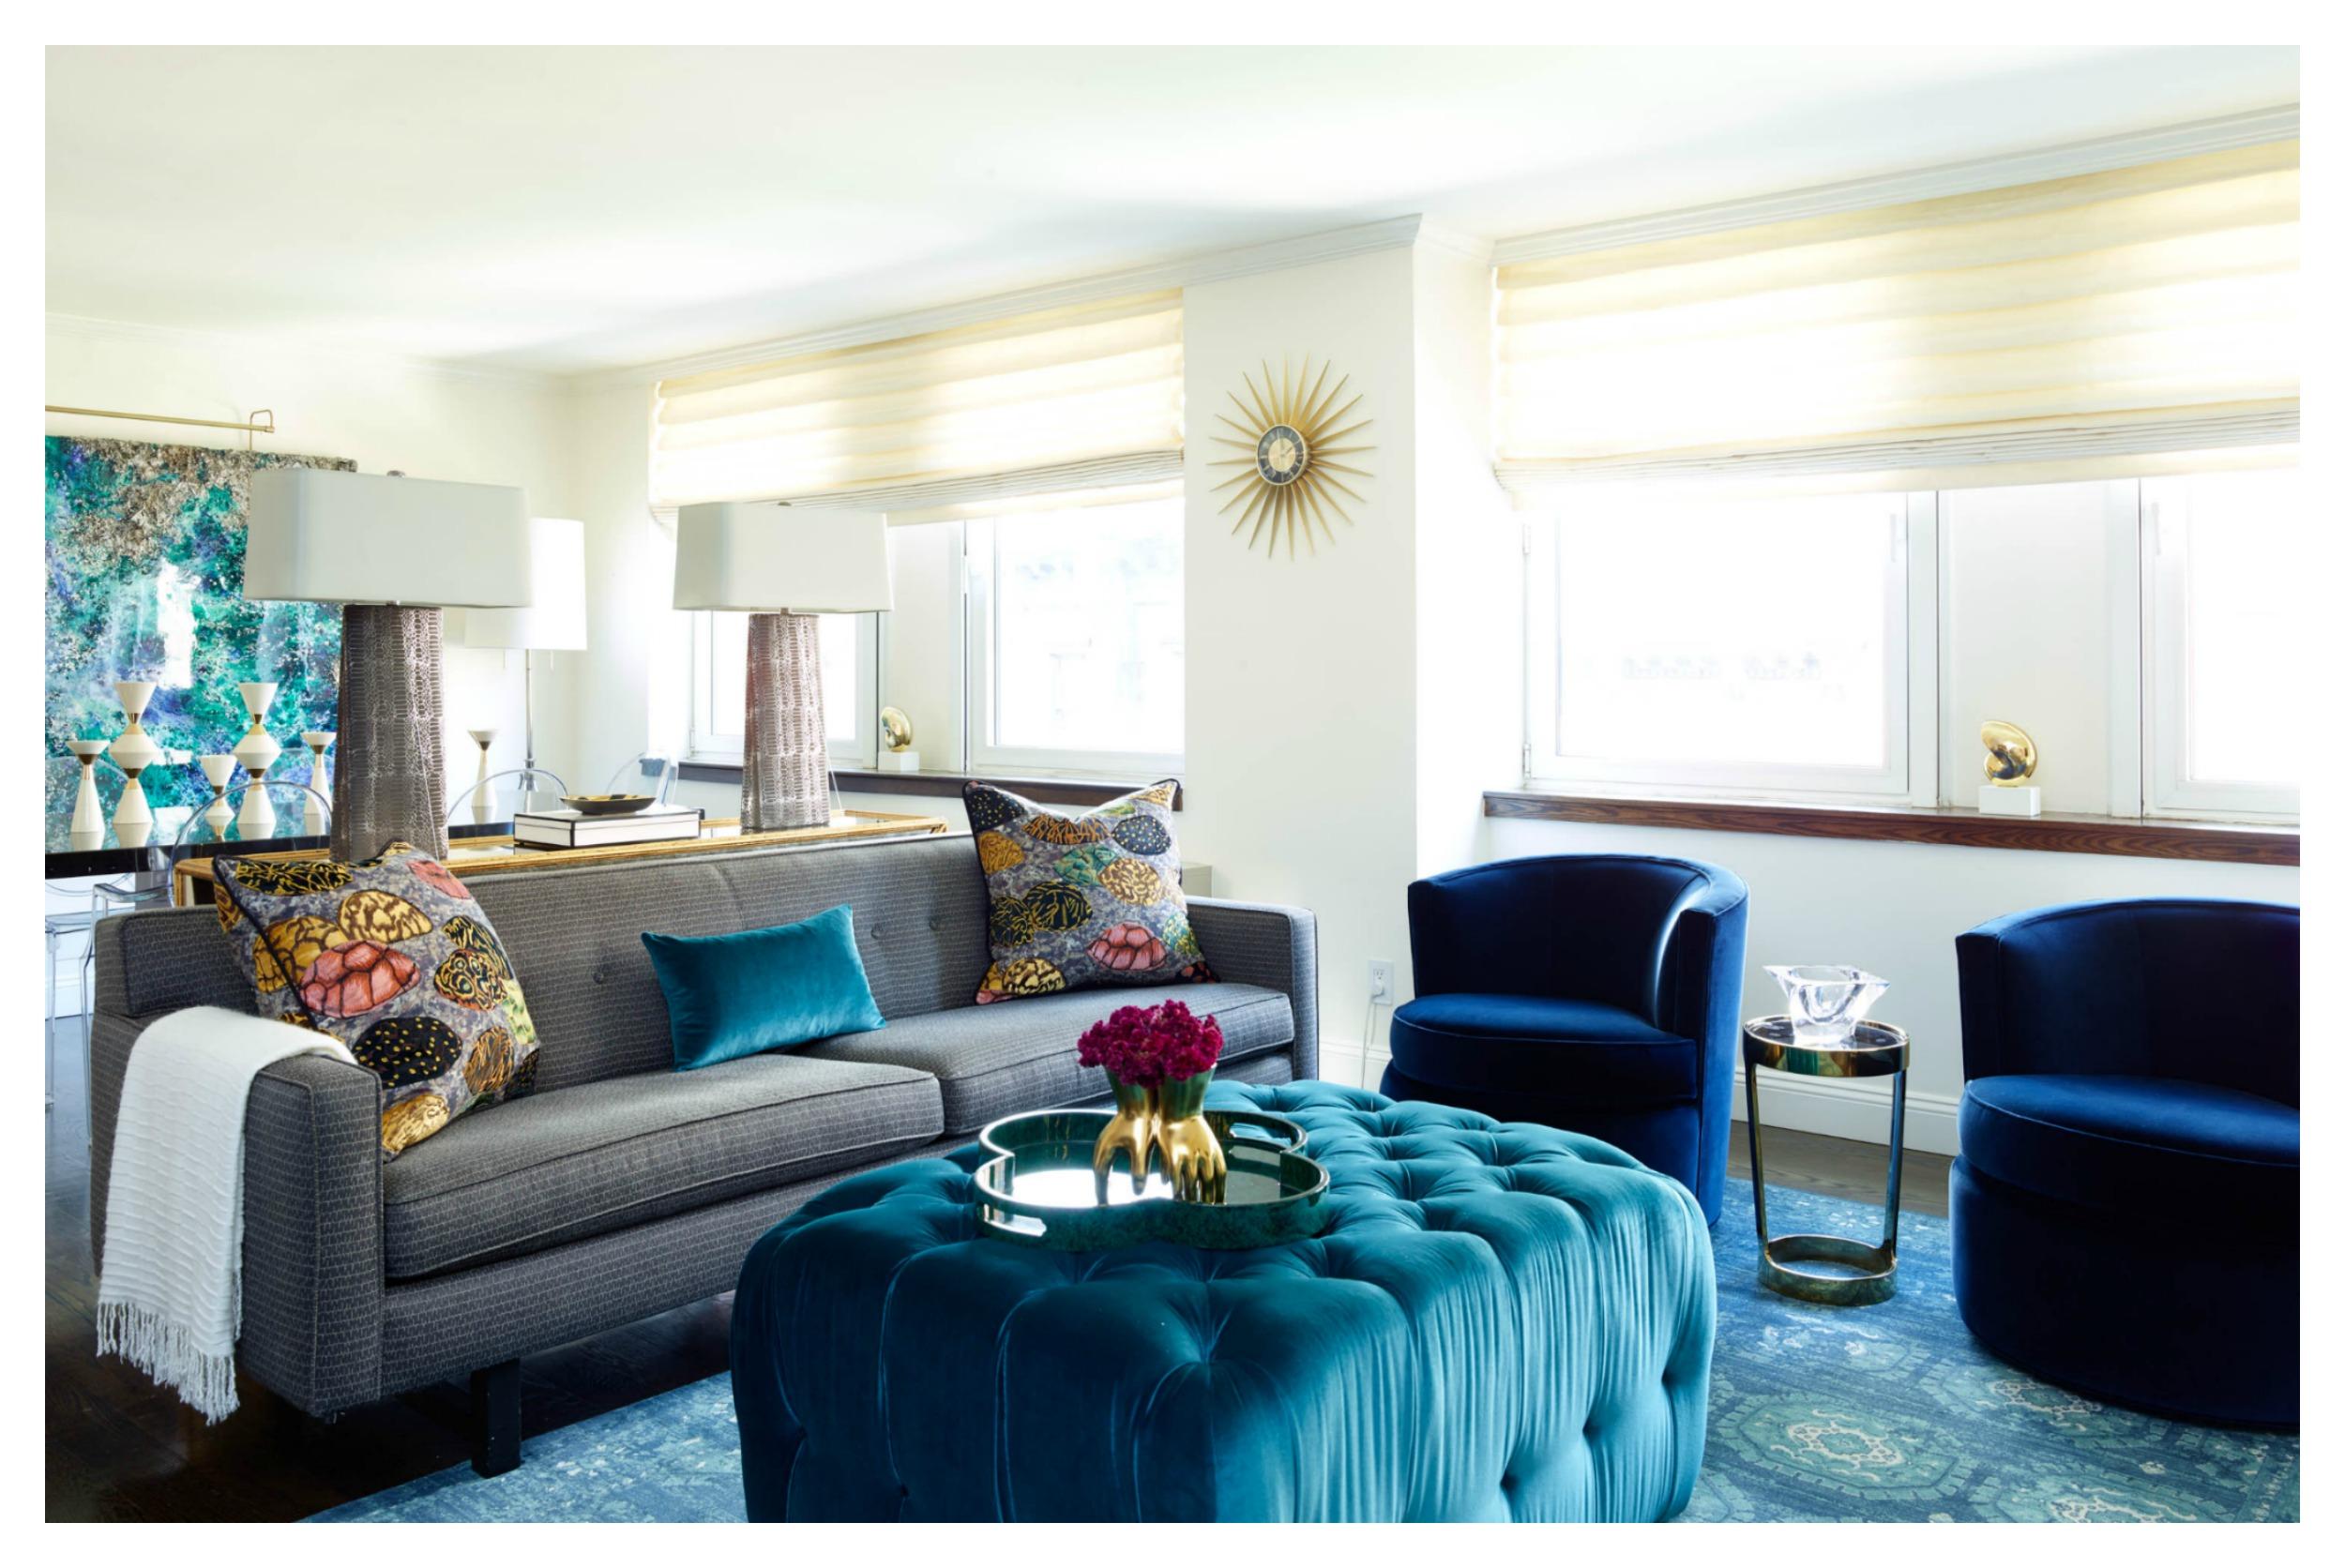 upper-east-side-living-room-3.jpg